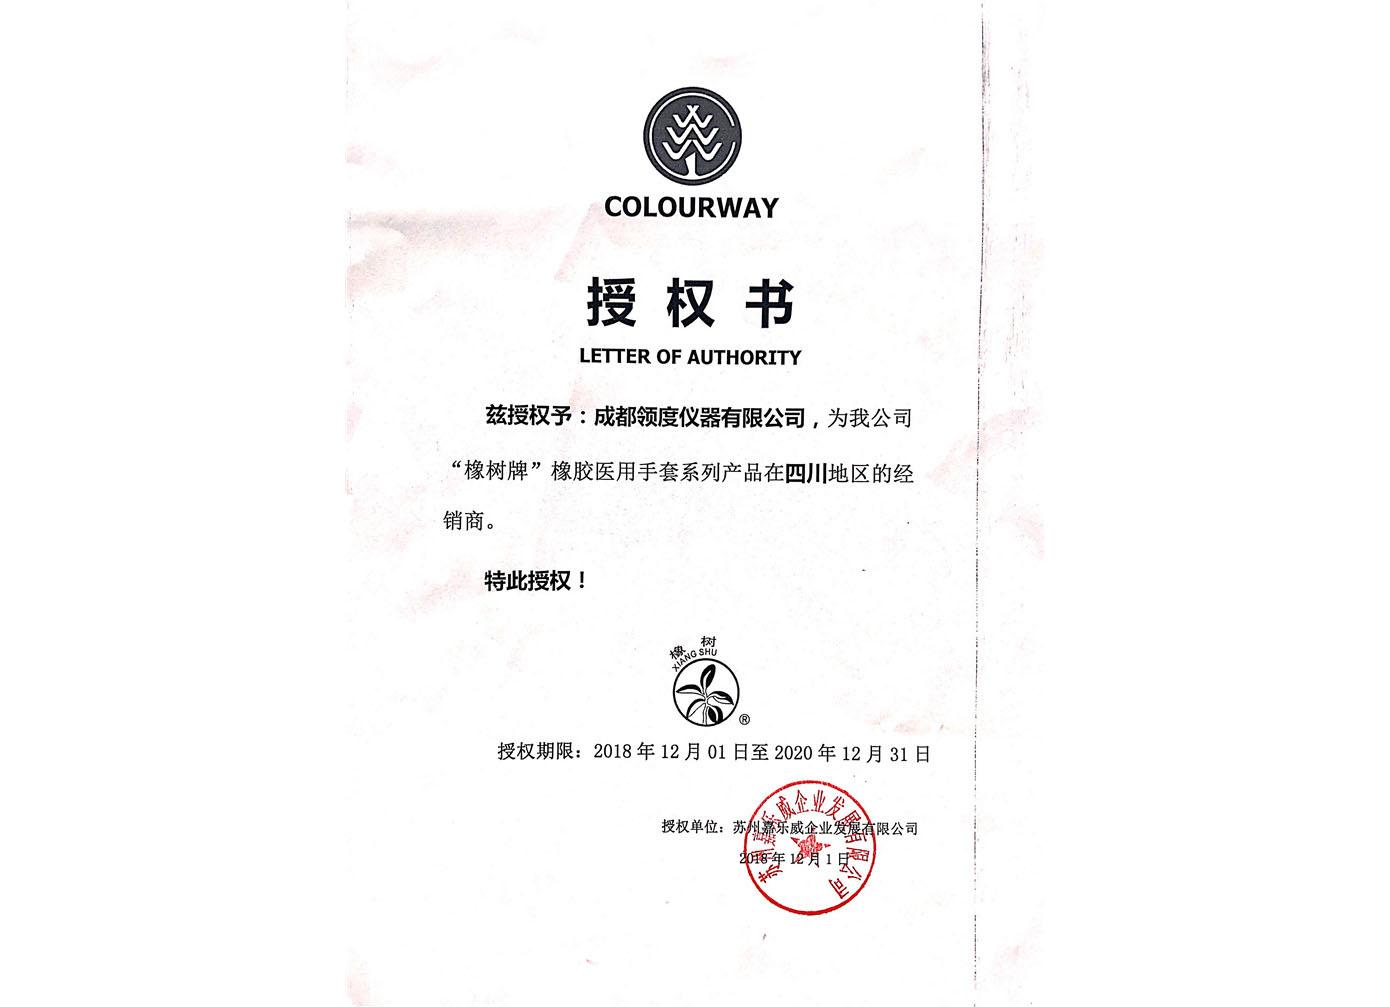 领度仪器产品授权书